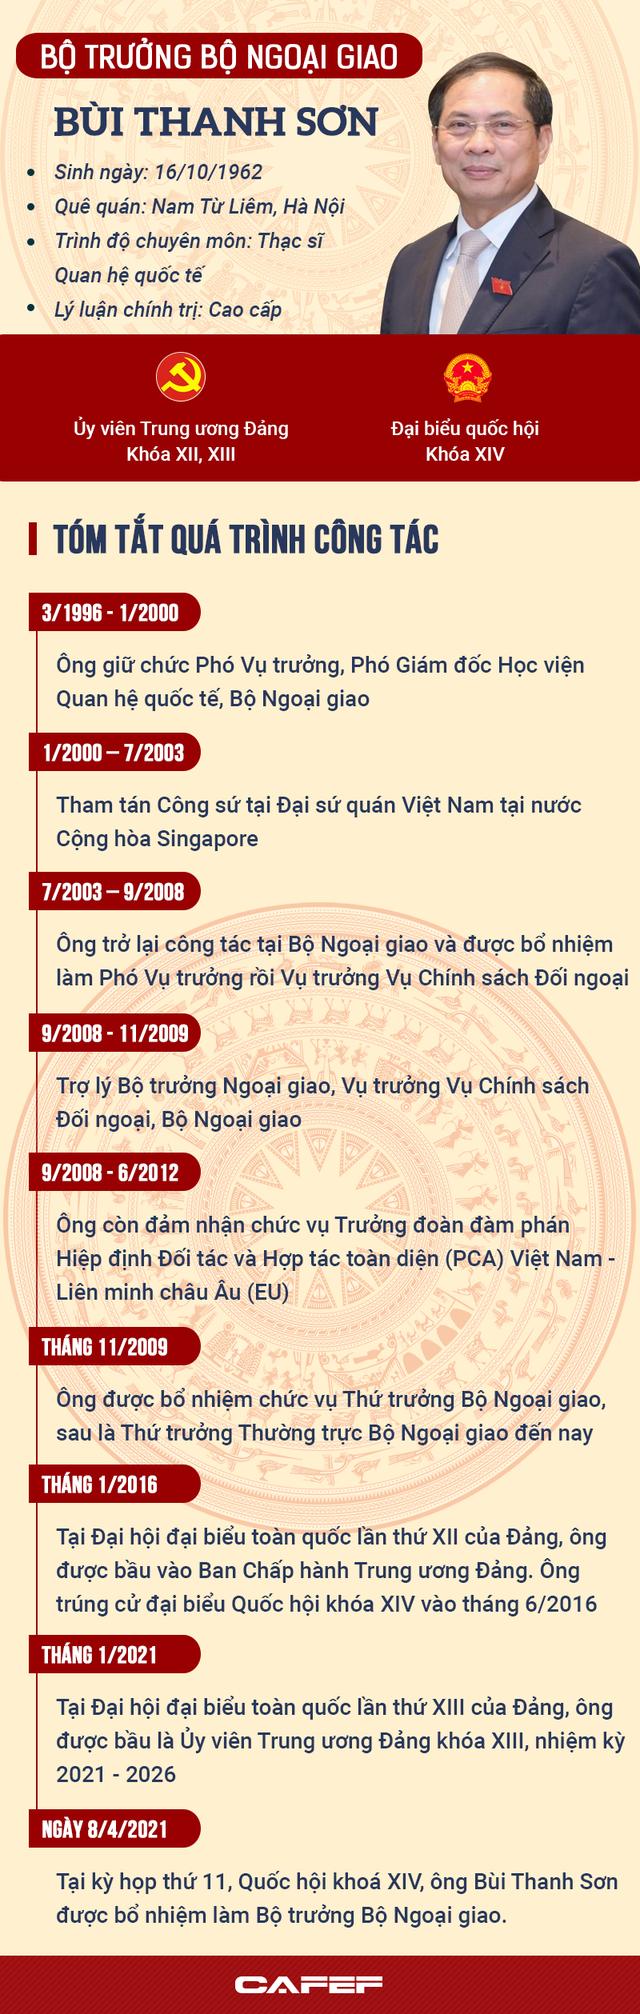 [Infographics]: Tiểu sử Bộ trưởng Bộ Ngoại giao Bùi Thanh Sơn - Ảnh 1.